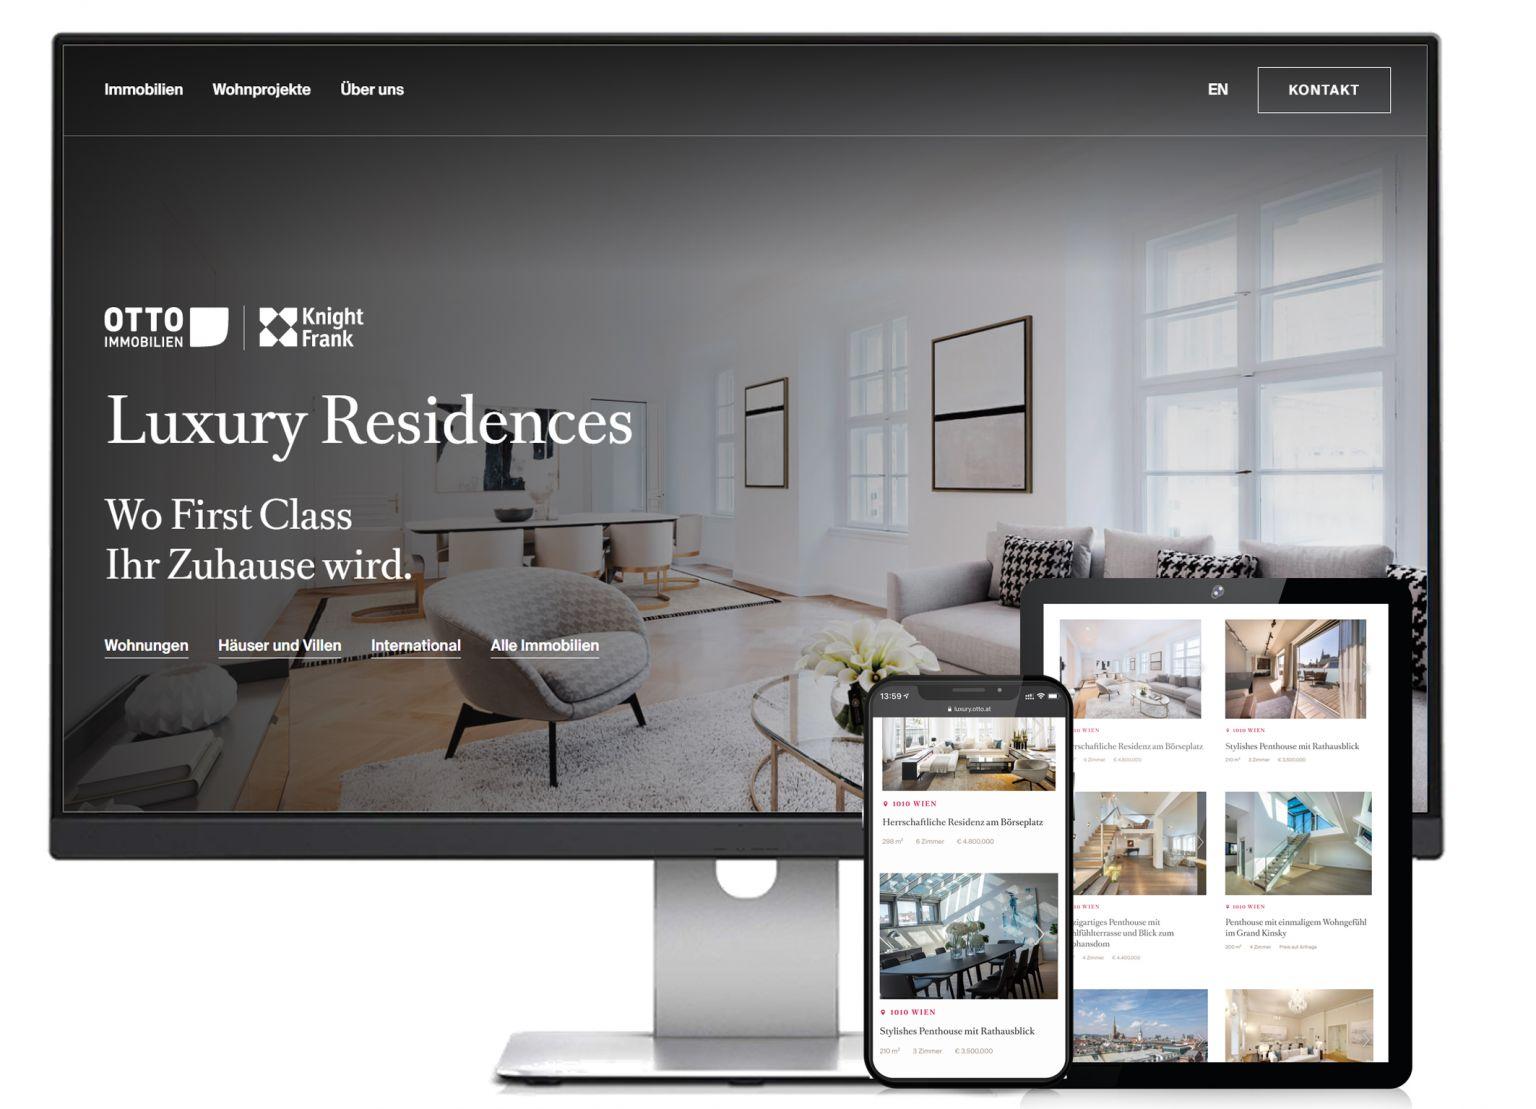 OTTO Immobilien launcht Webauftritt für Luxusimmobilien